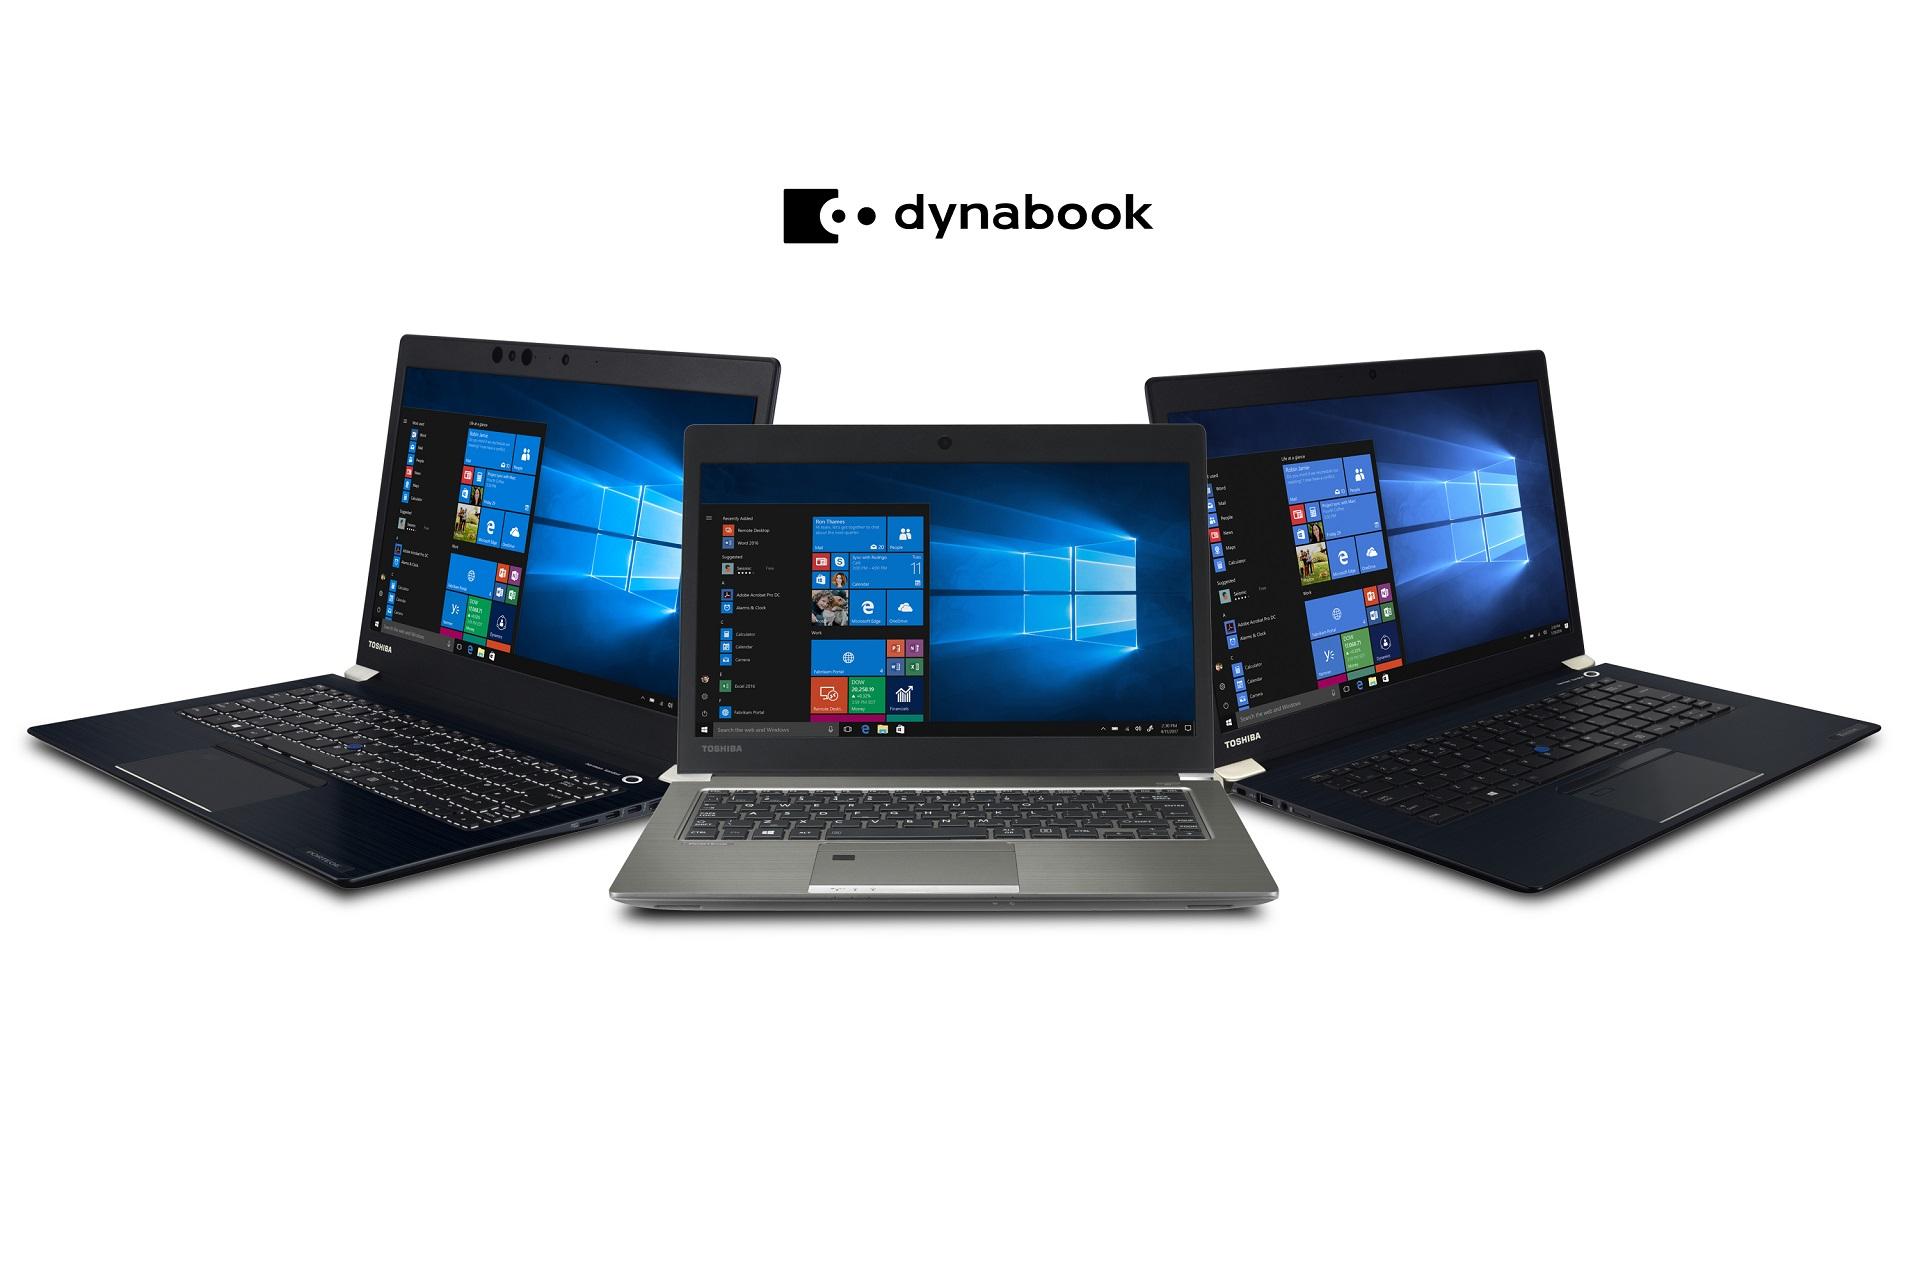 Duża rzecz. Toshiba wraca na rynek, ale pod inną marką - Dynabook 18